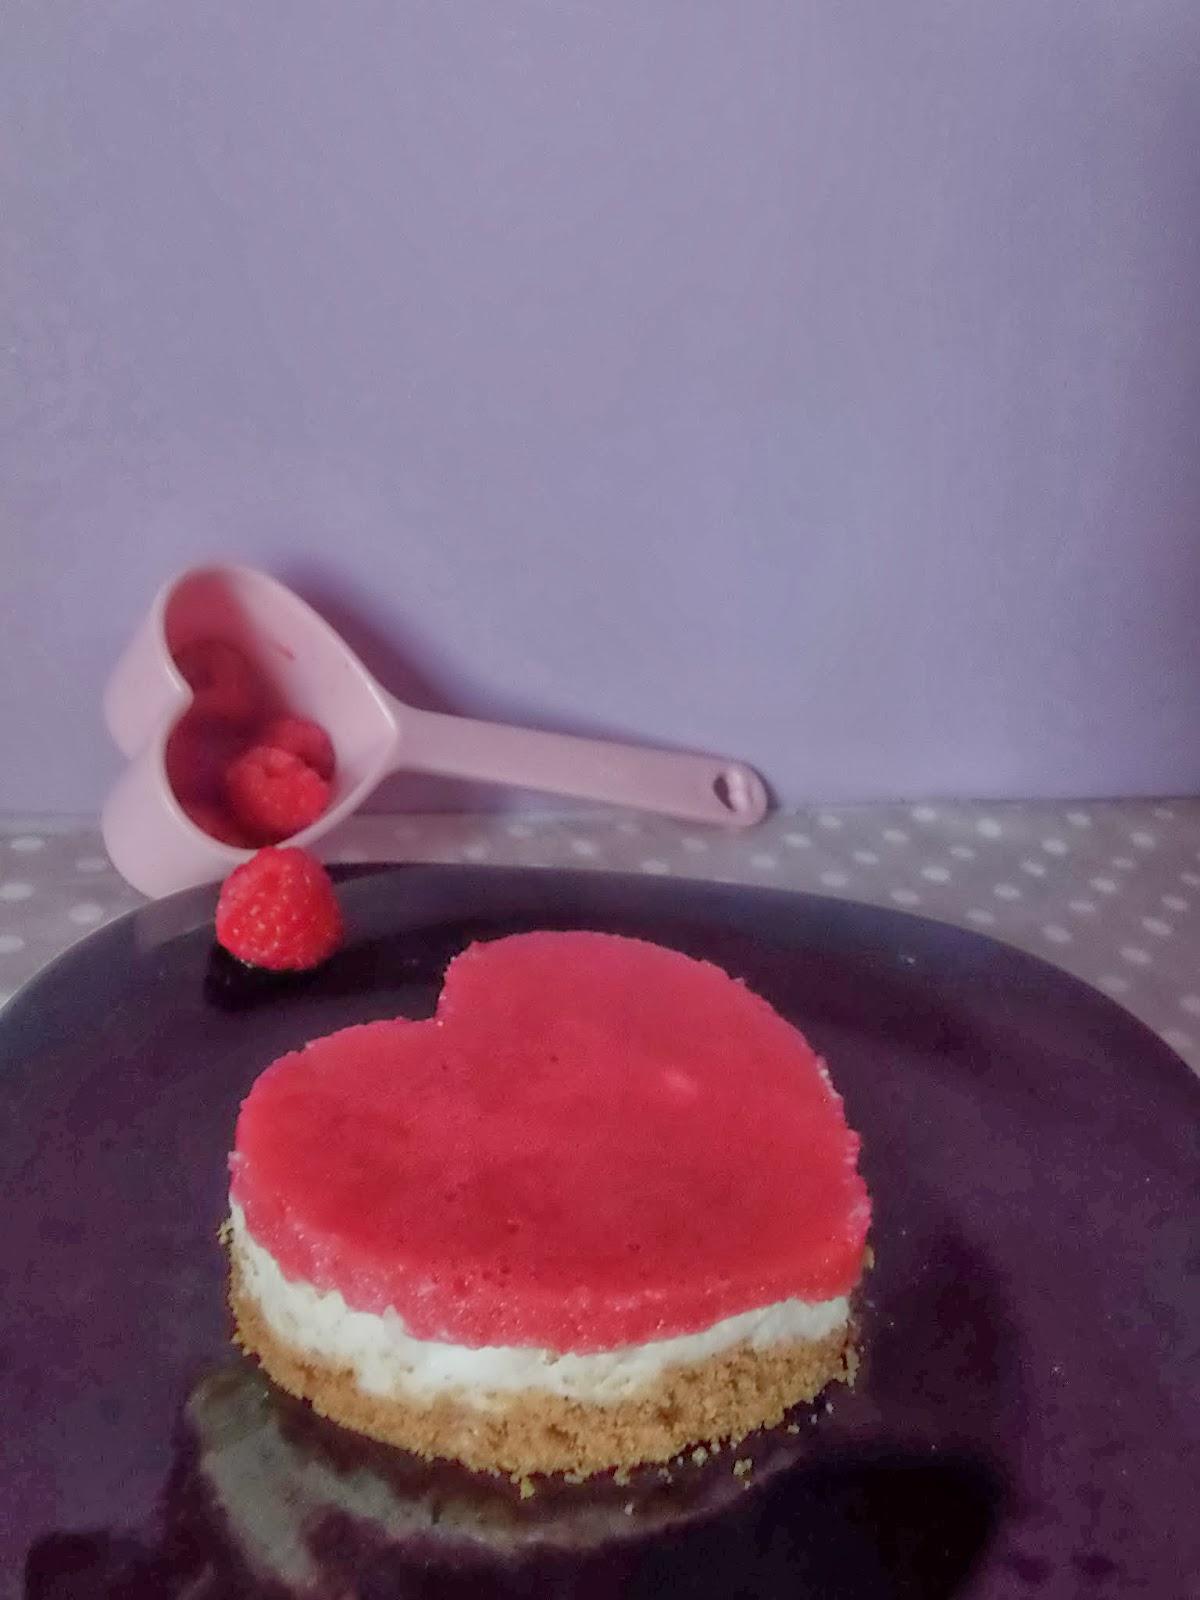 http://pequenasdeliciasdemaria.blogspot.com.es/2014/02/mousse-de-chocolate-blanco-y-frambuesa.html